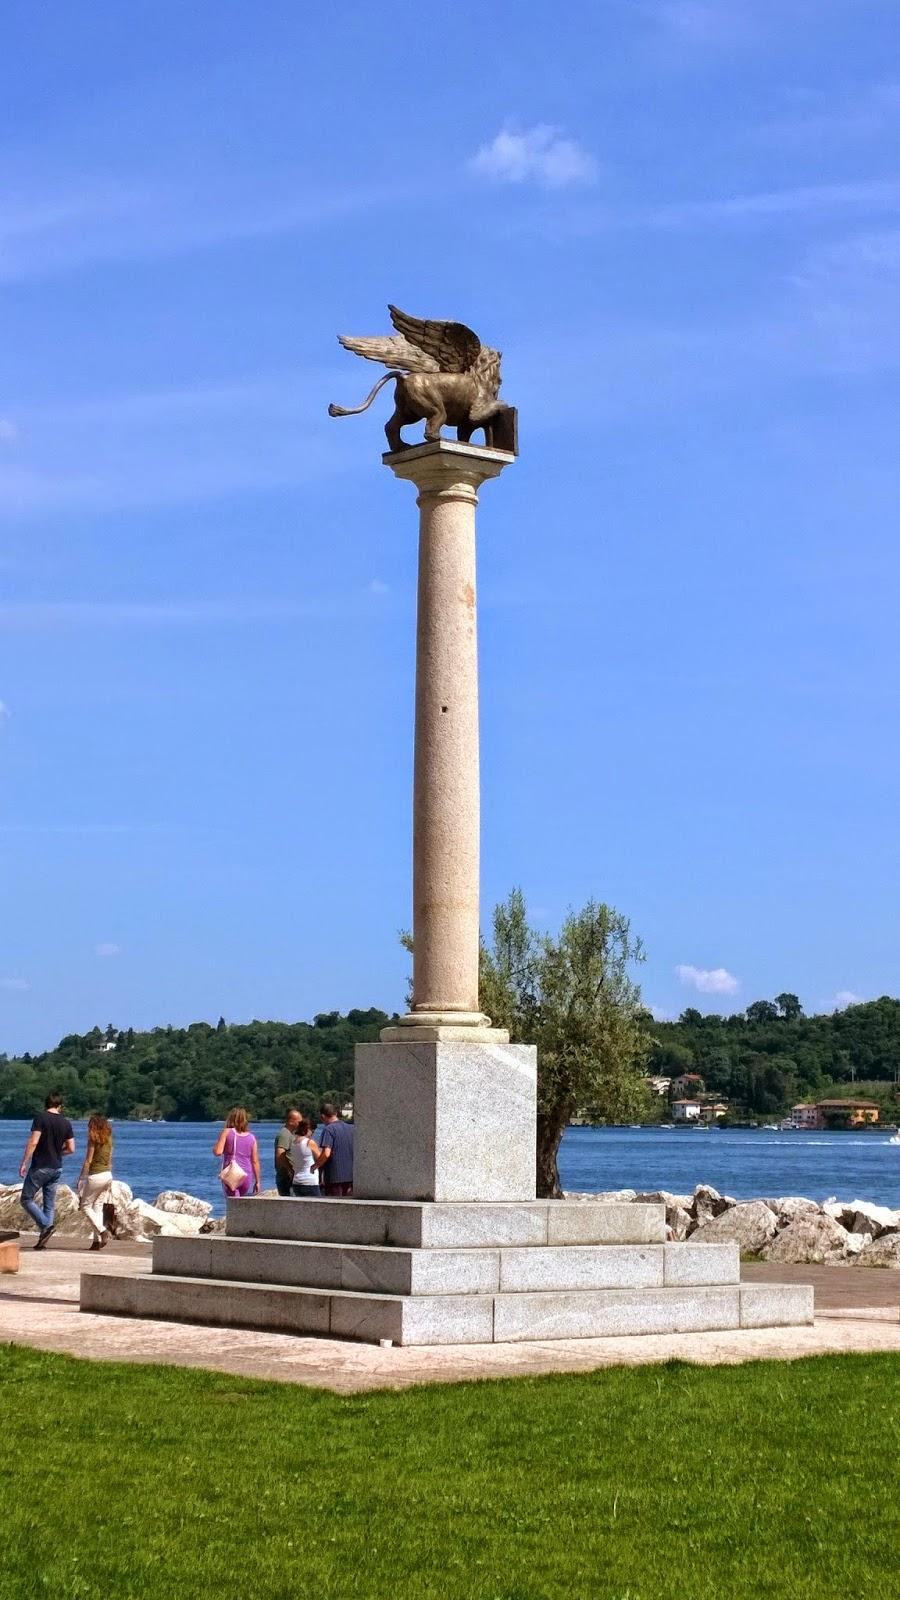 Lion Griffon statue at Salò, Lake Garda - monumento leone griffone a Salò, Lago di Garda